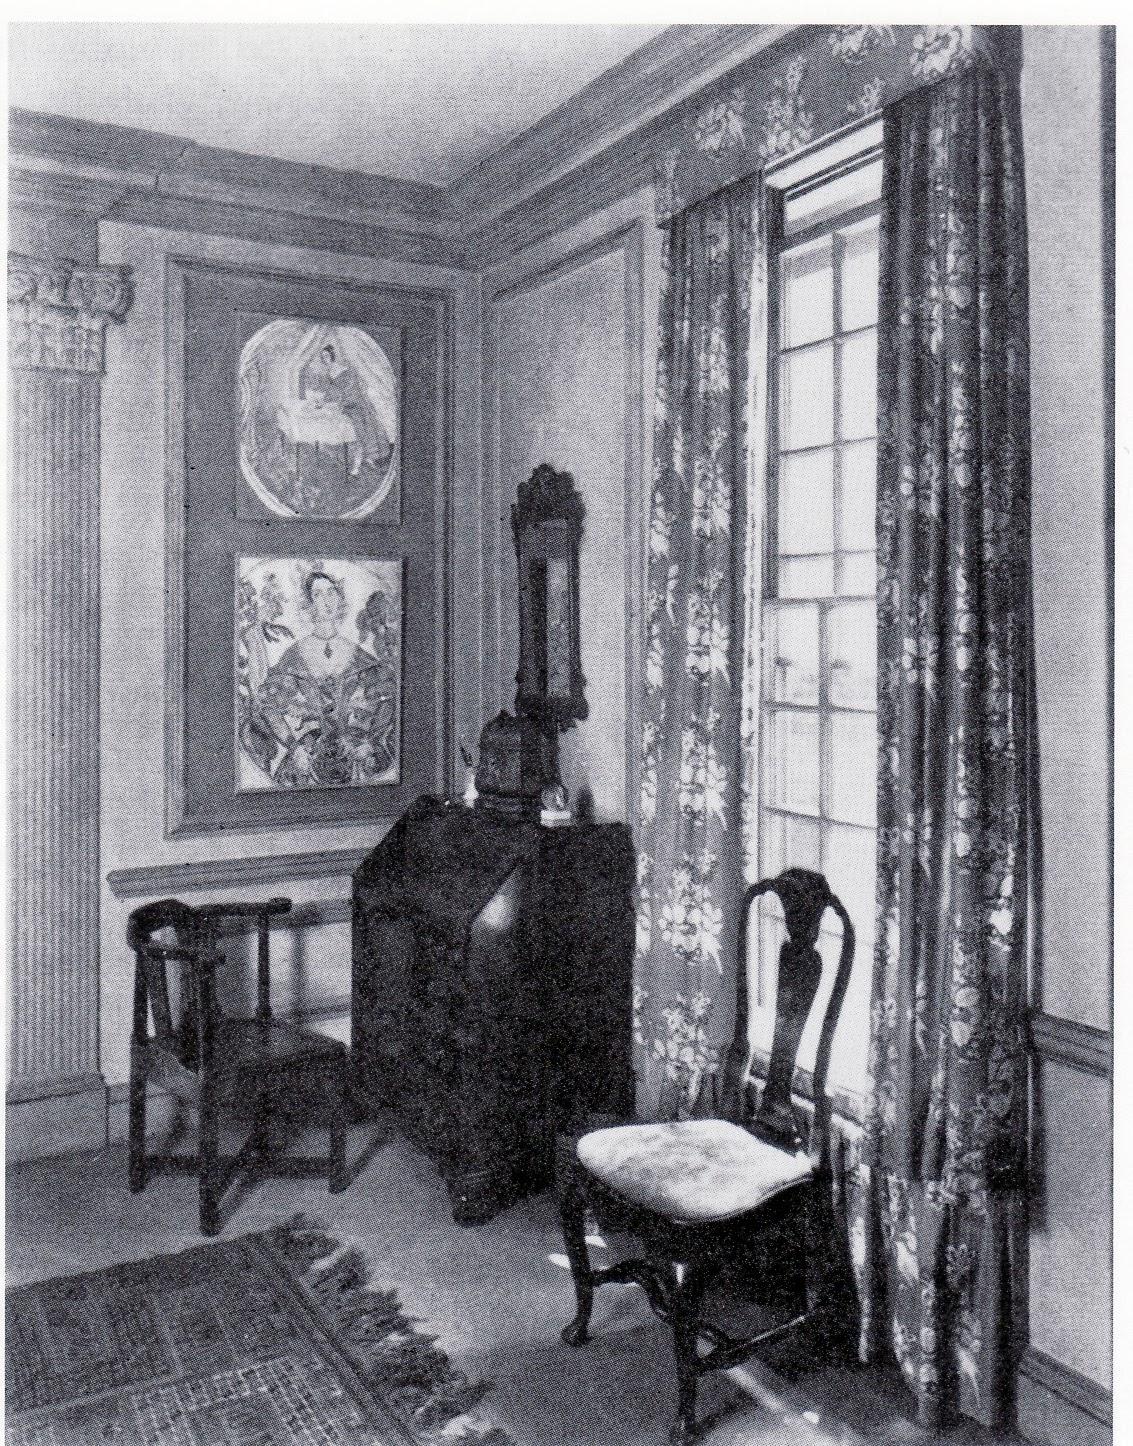 Interieur in de jaren \'20 | The roaring twenties